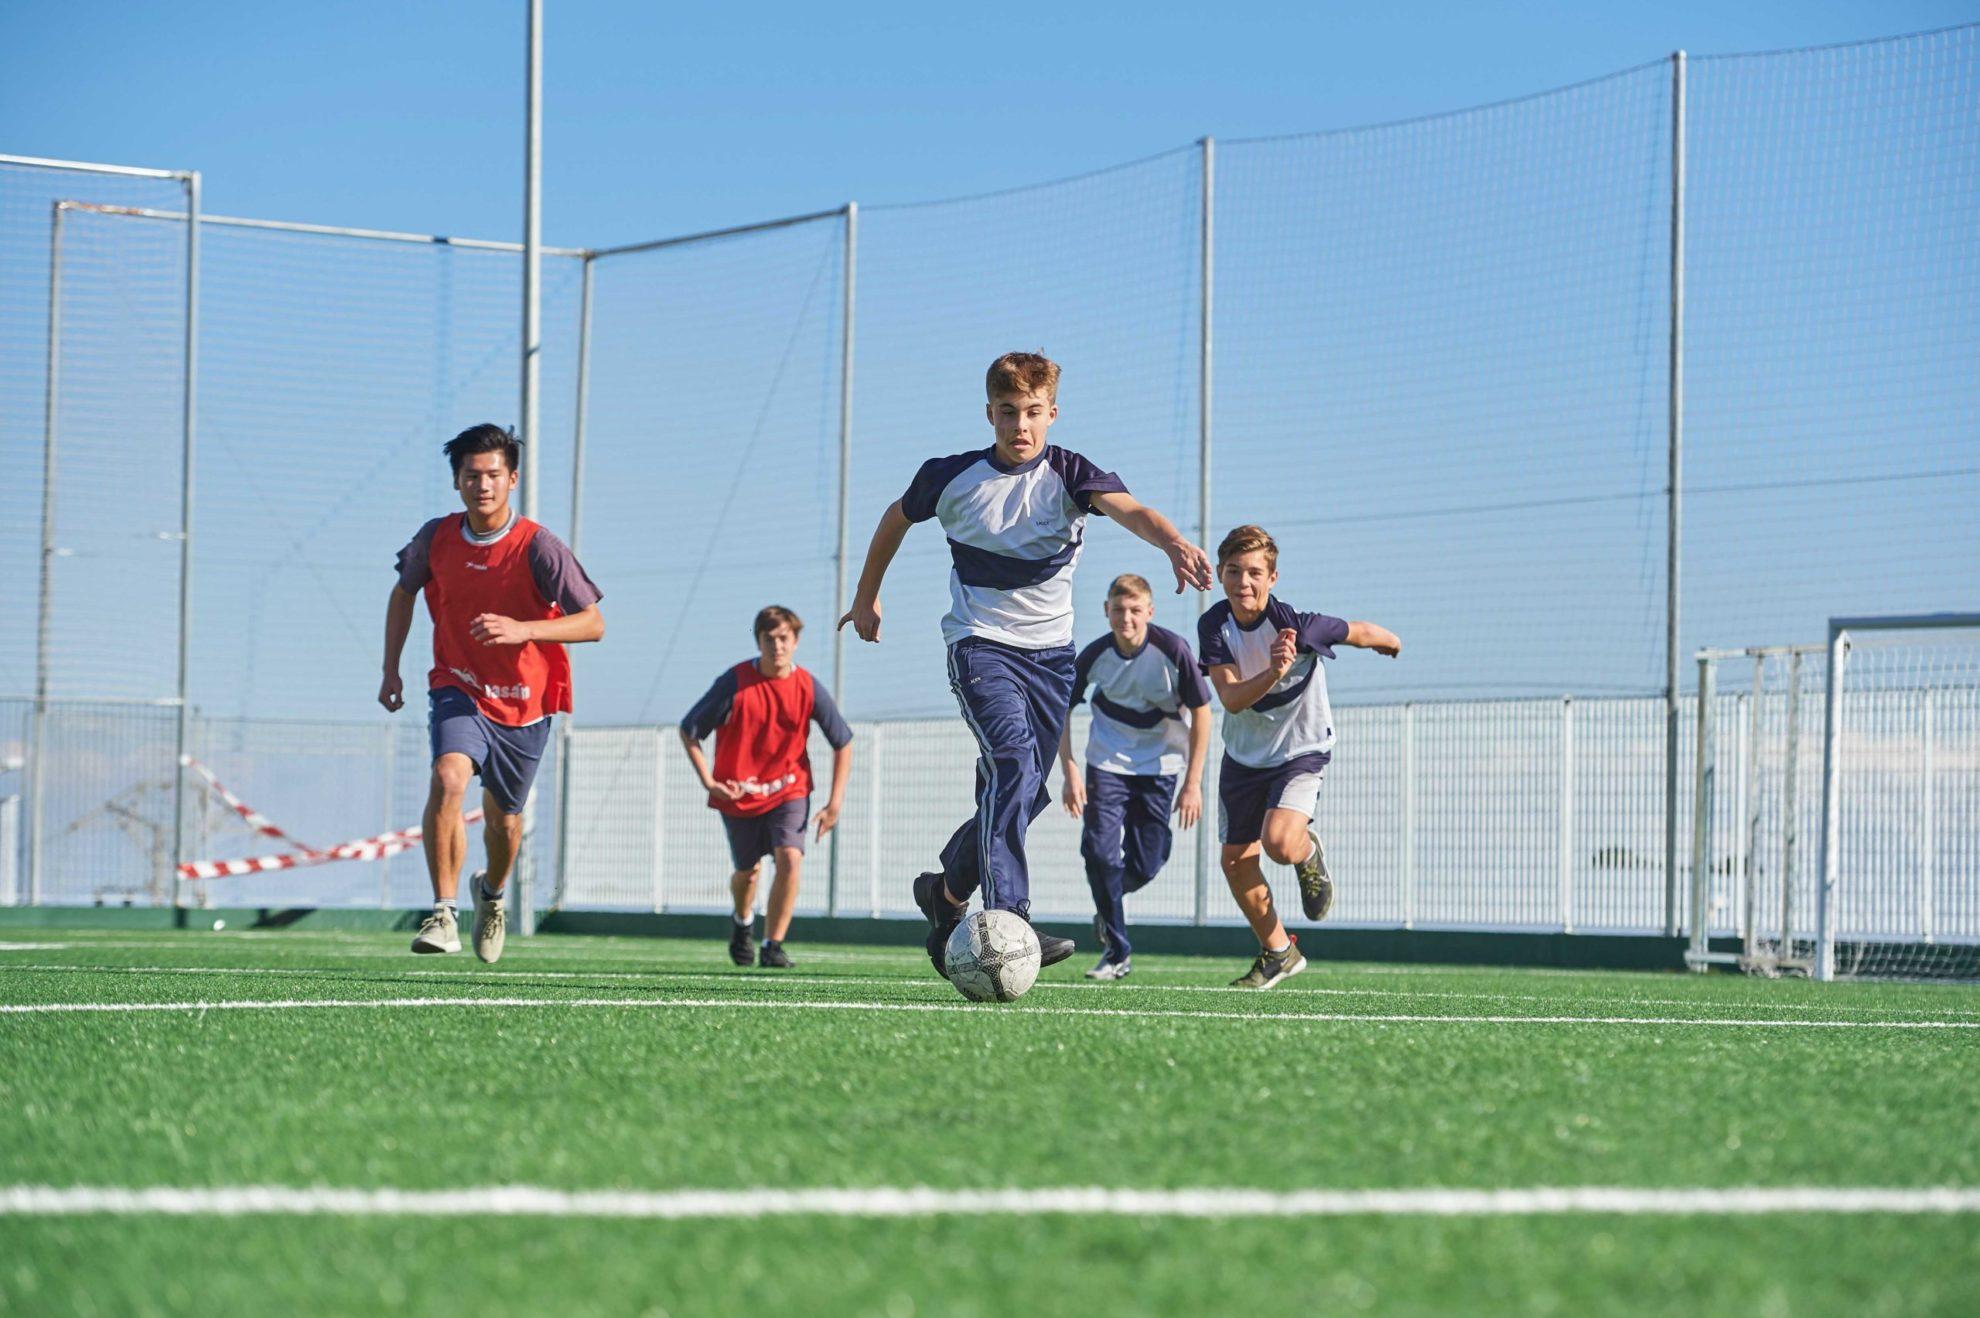 Kinder-spielen- Fußball-auf-dem-Rasen-in-der- Schule